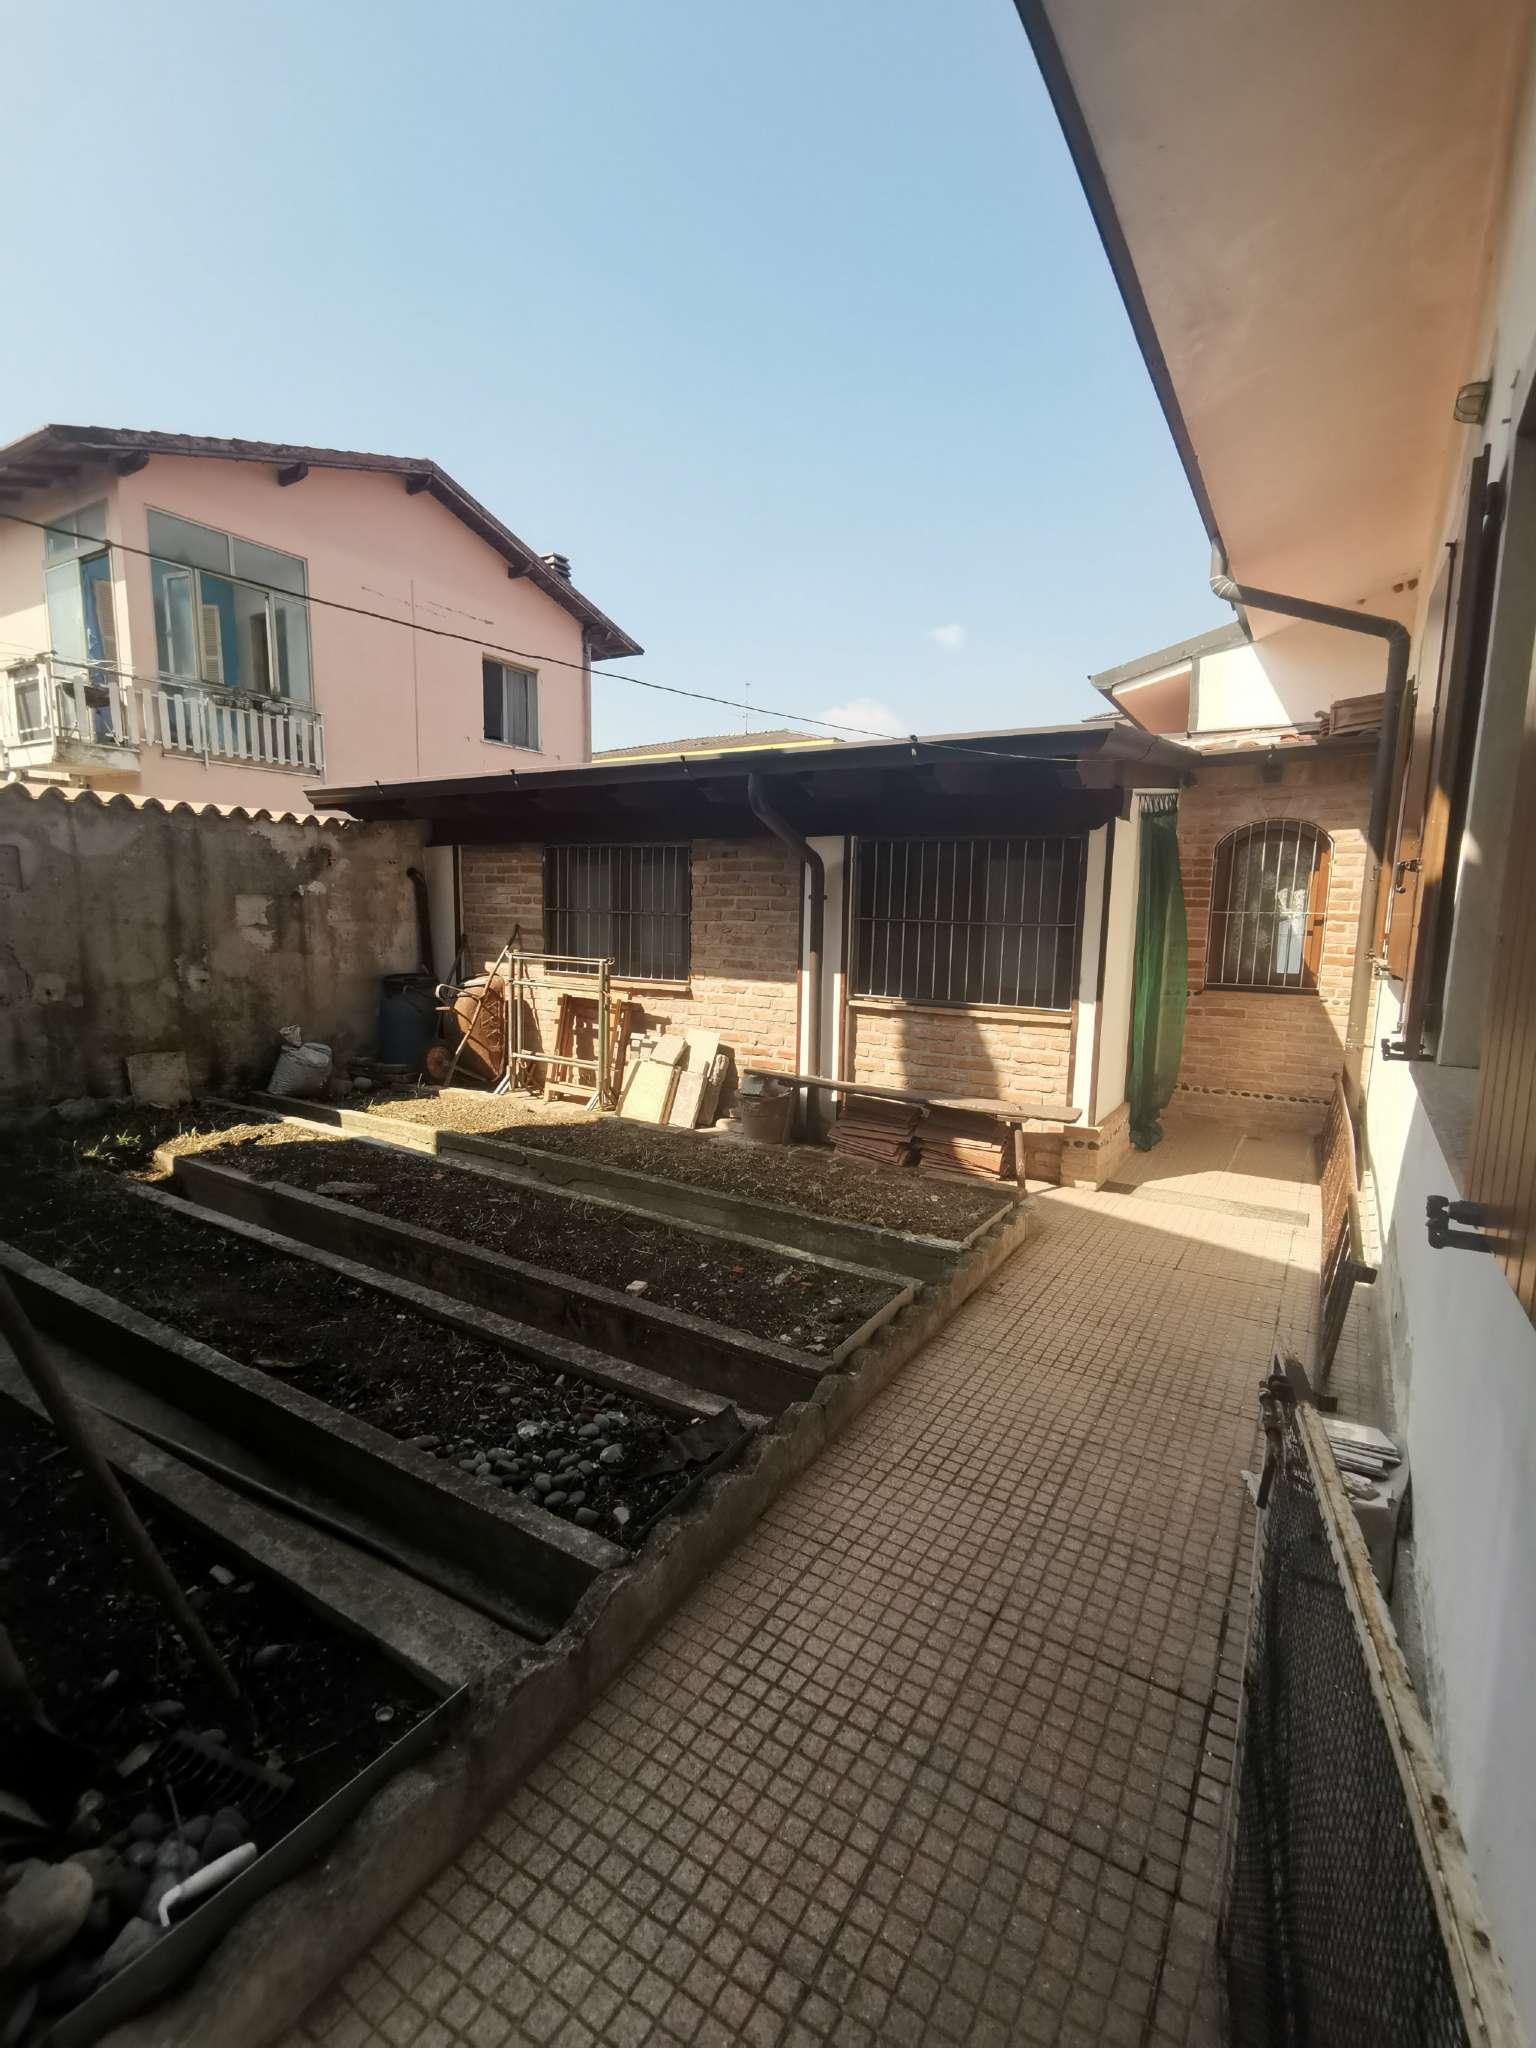 Villa in vendita a Monte Cremasco, 3 locali, prezzo € 150.000 | PortaleAgenzieImmobiliari.it